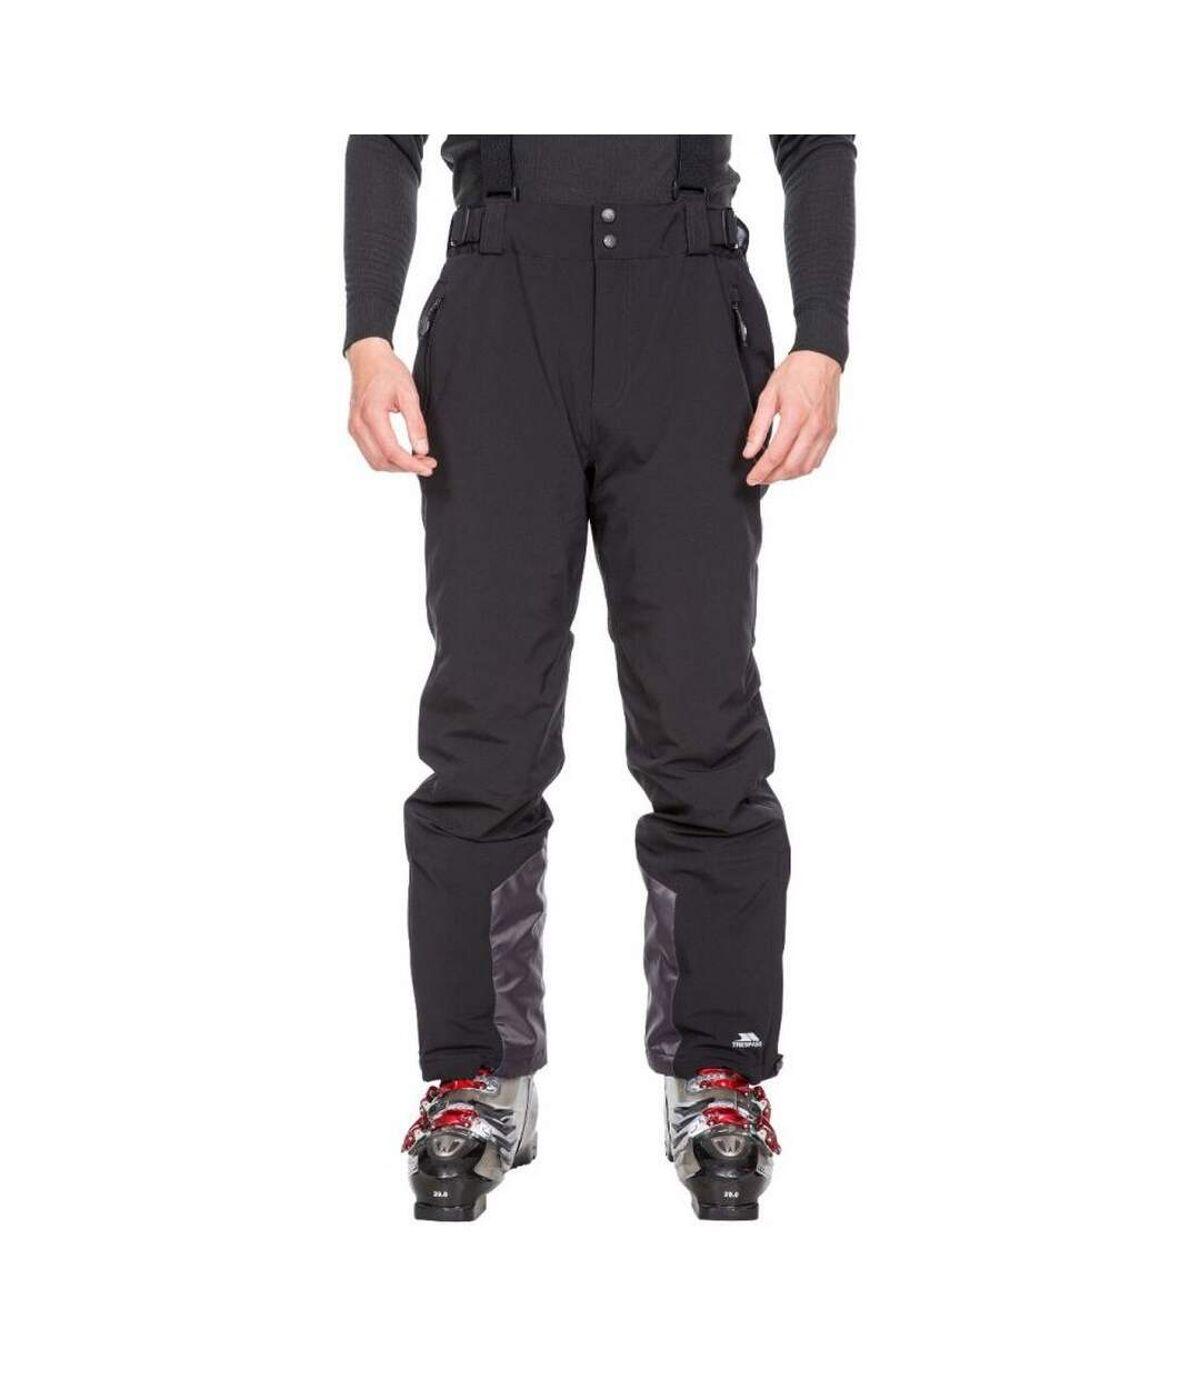 Trespass Mens Trevor Ski Trousers (Black) - UTTP5222